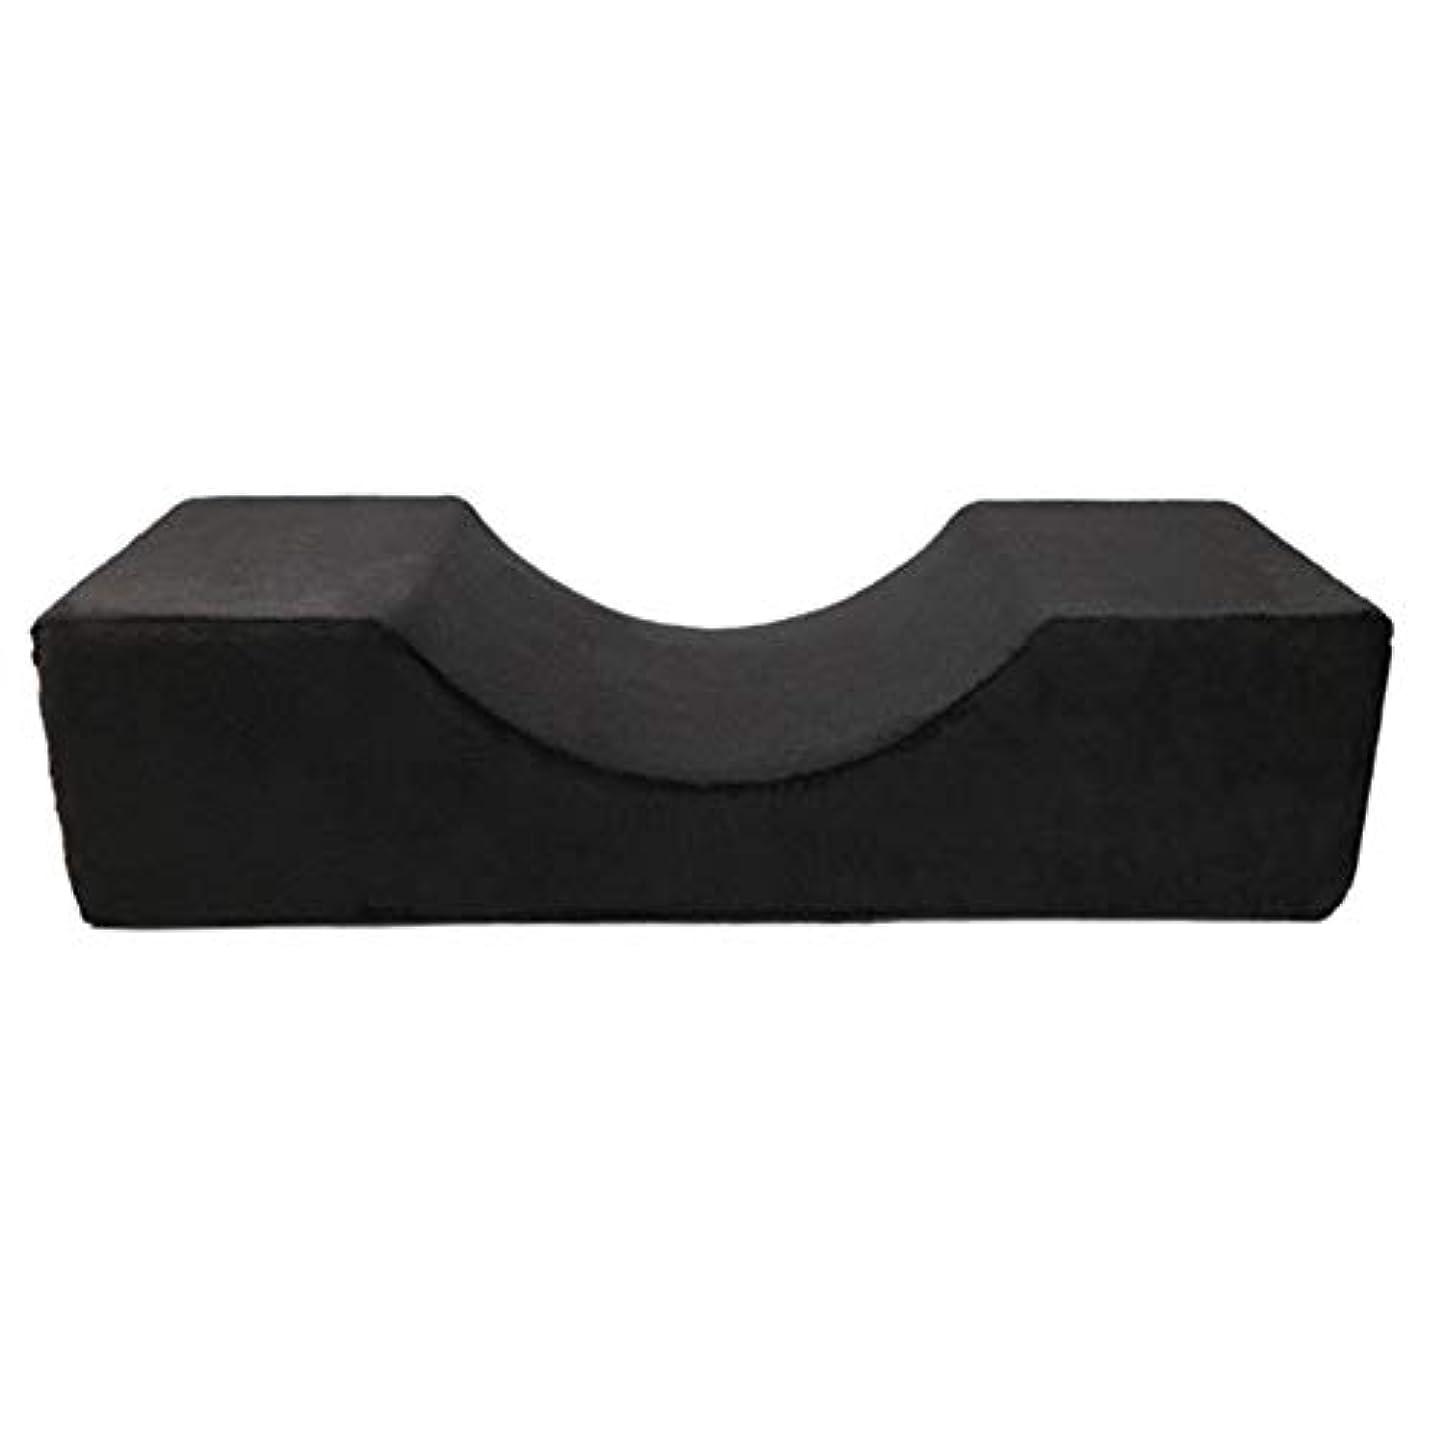 導入する太陽戦うBlulux まつげ移植美容枕PUレザー防水まつげ枕移植まつげ枕(opp袋)